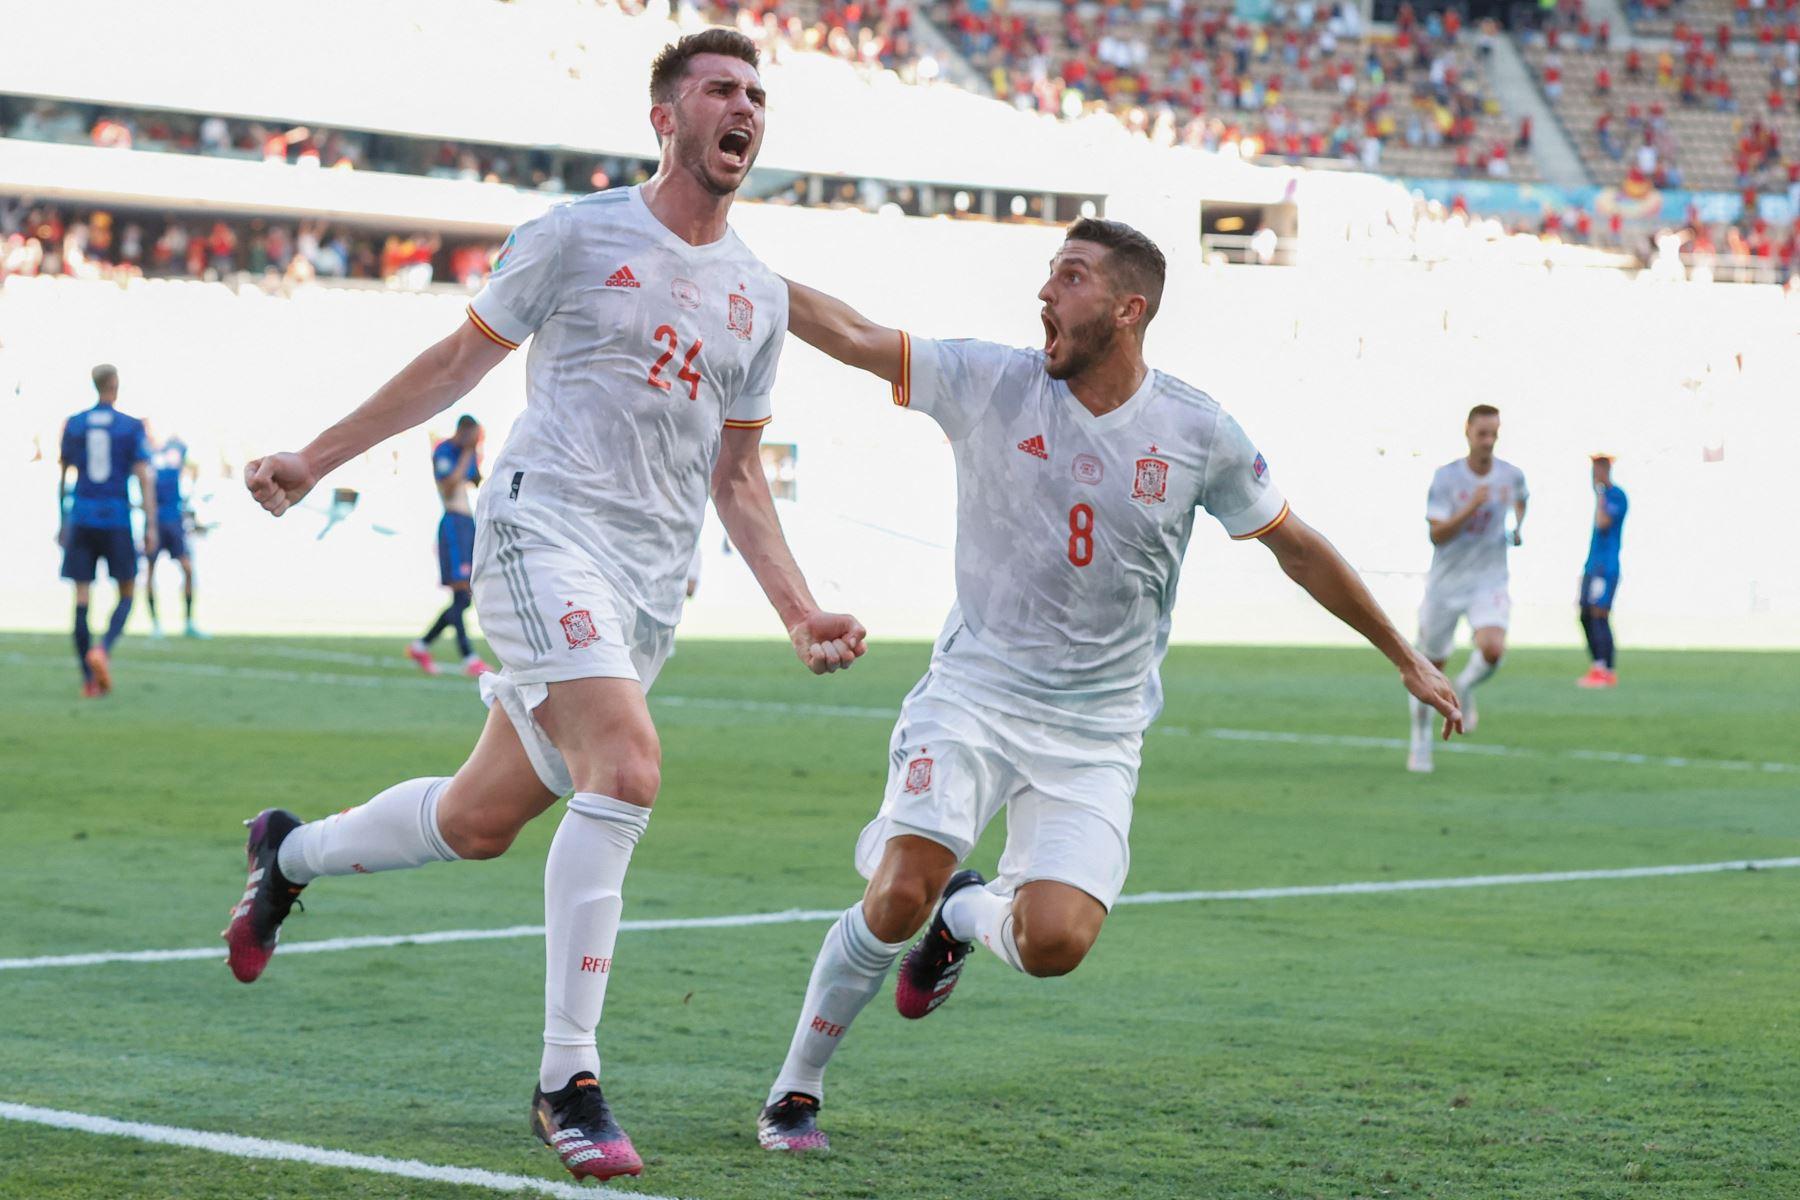 El defensa español Aymeric Laporte celebra tras anotar el segundo gol de su equipo con el centrocampista español Koke durante el partido por el Grupo E de la UEFA EURO, en Sevilla. Foto: AFP